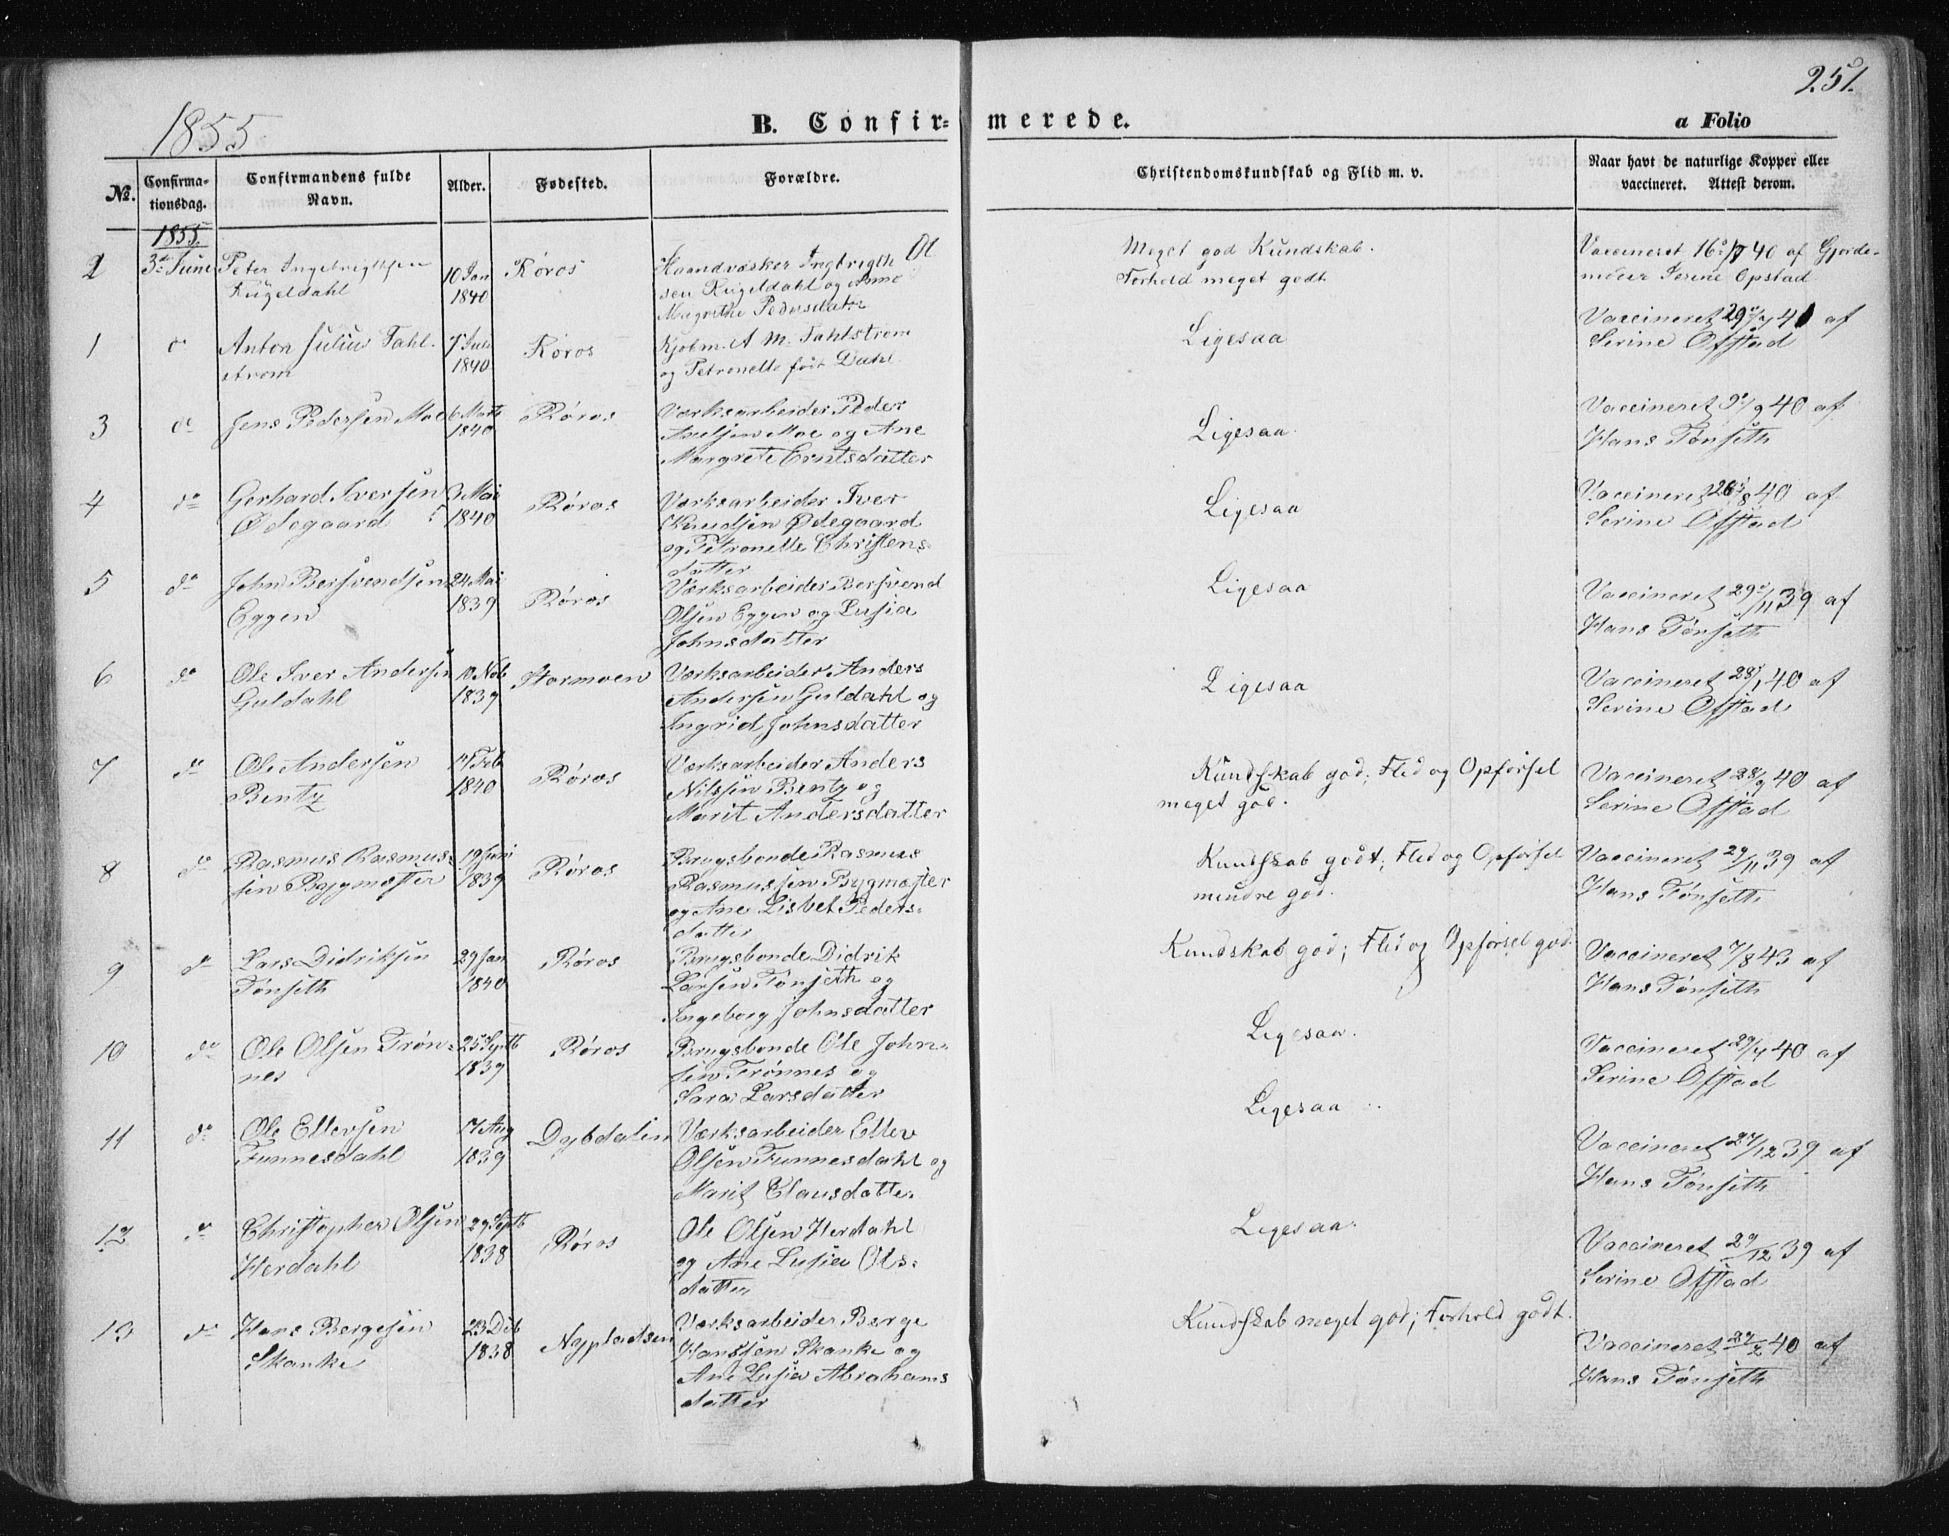 SAT, Ministerialprotokoller, klokkerbøker og fødselsregistre - Sør-Trøndelag, 681/L0931: Ministerialbok nr. 681A09, 1845-1859, s. 251